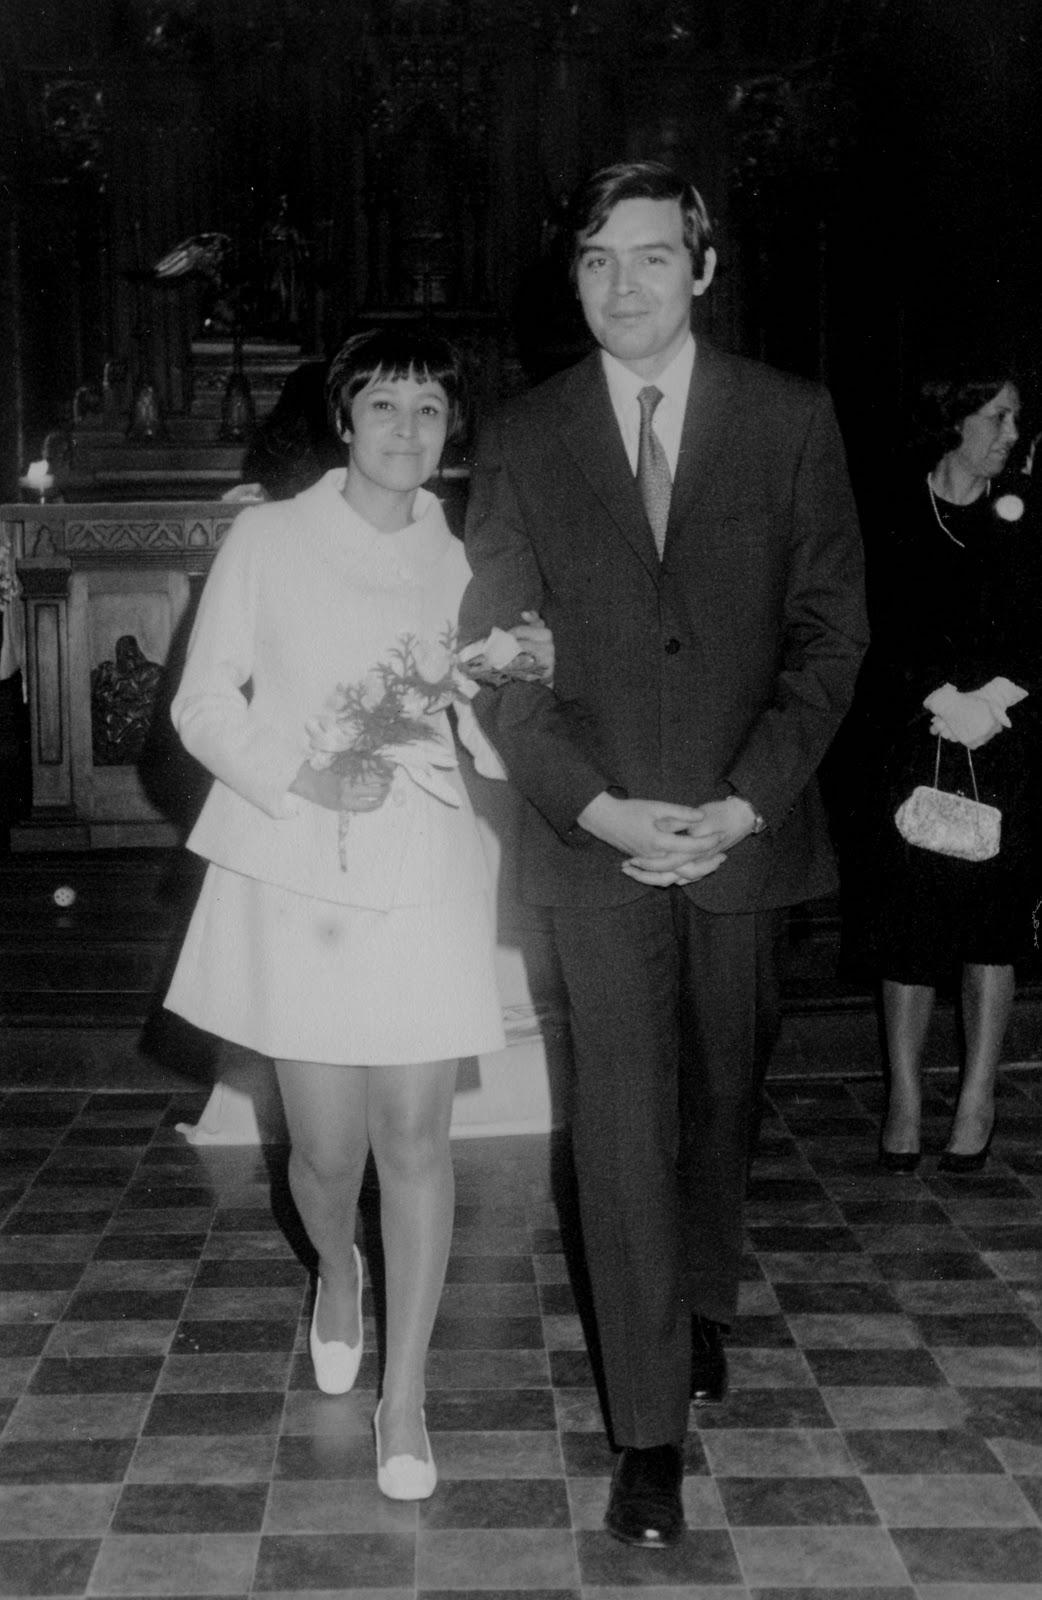 Matrimonio Catolico Nulo : Mi biografía en busca de identidad septiembre